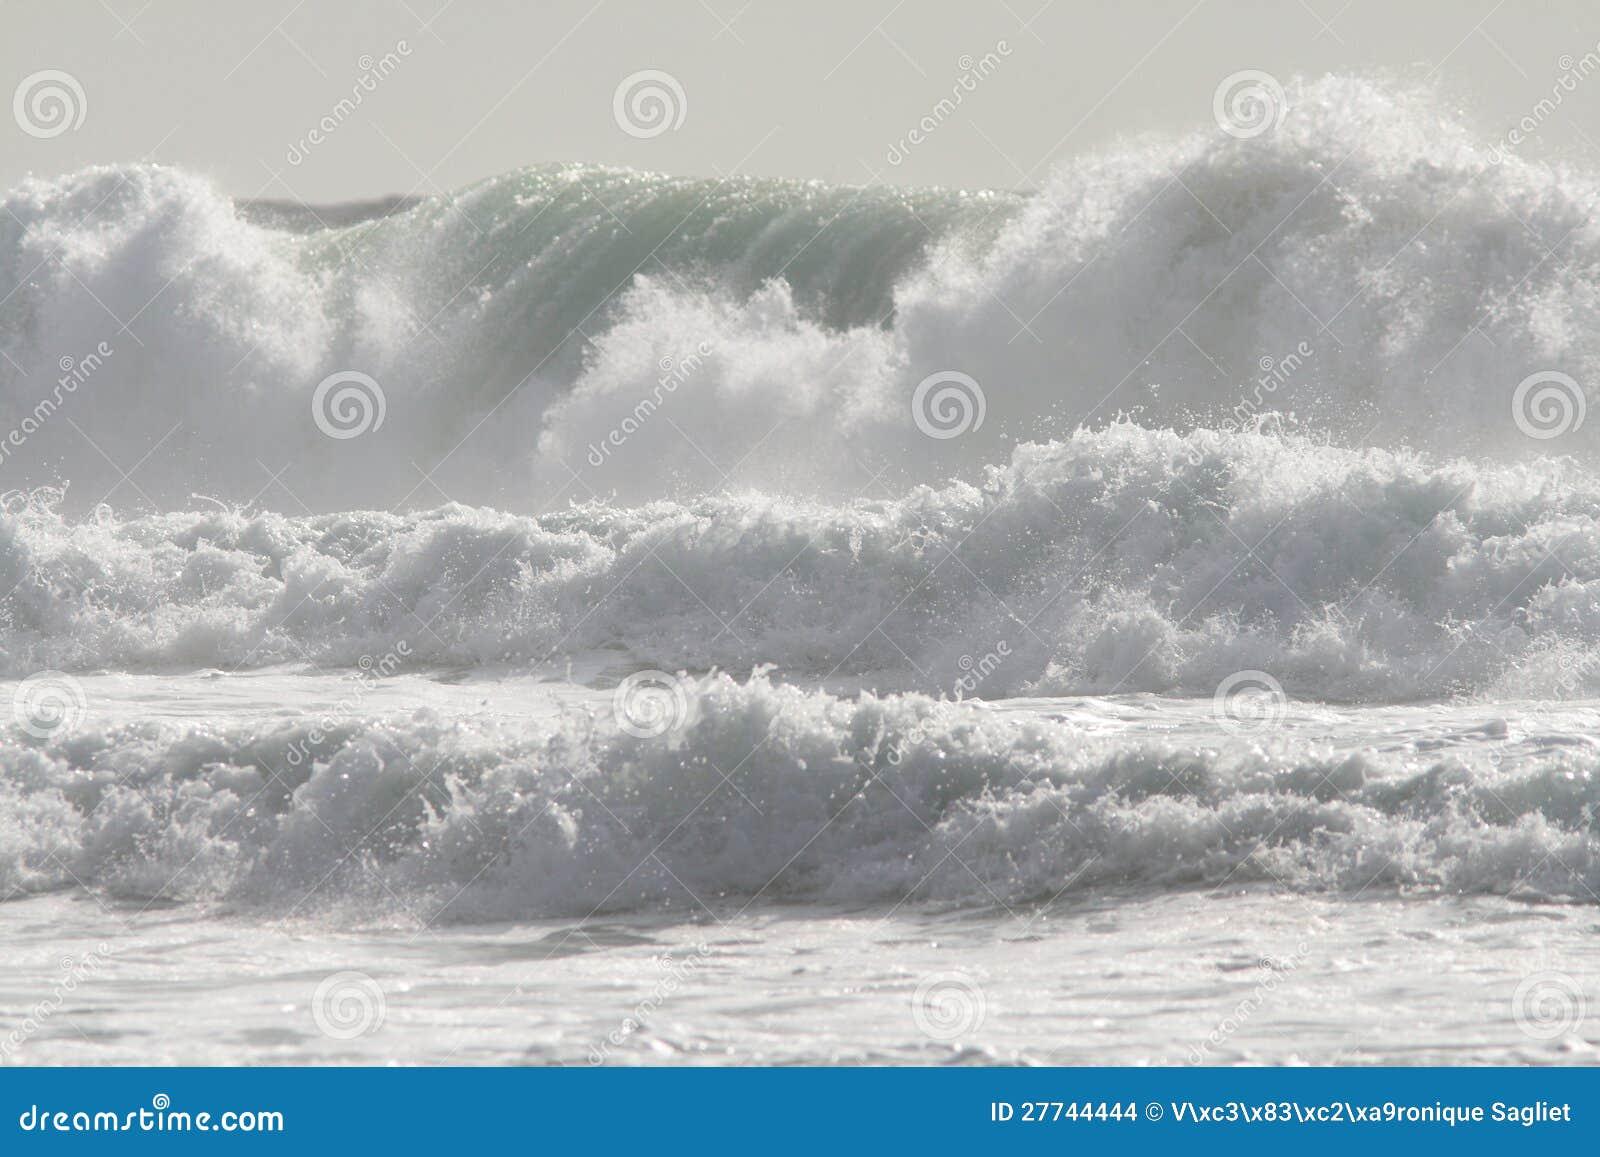 Quand la marée entre